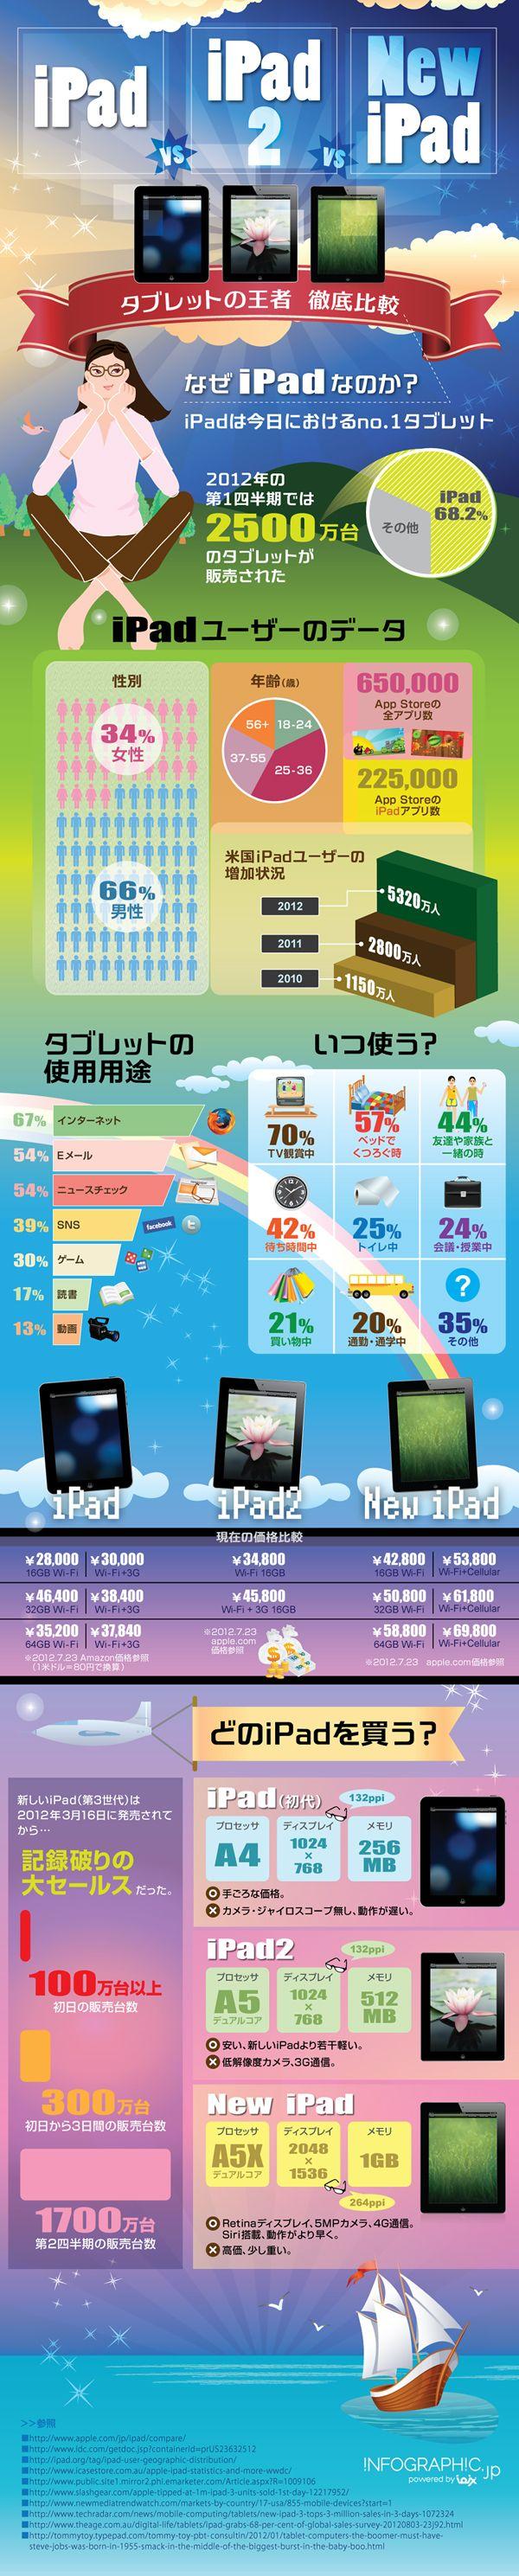 歴代iPadを比較したインフォグラフィック